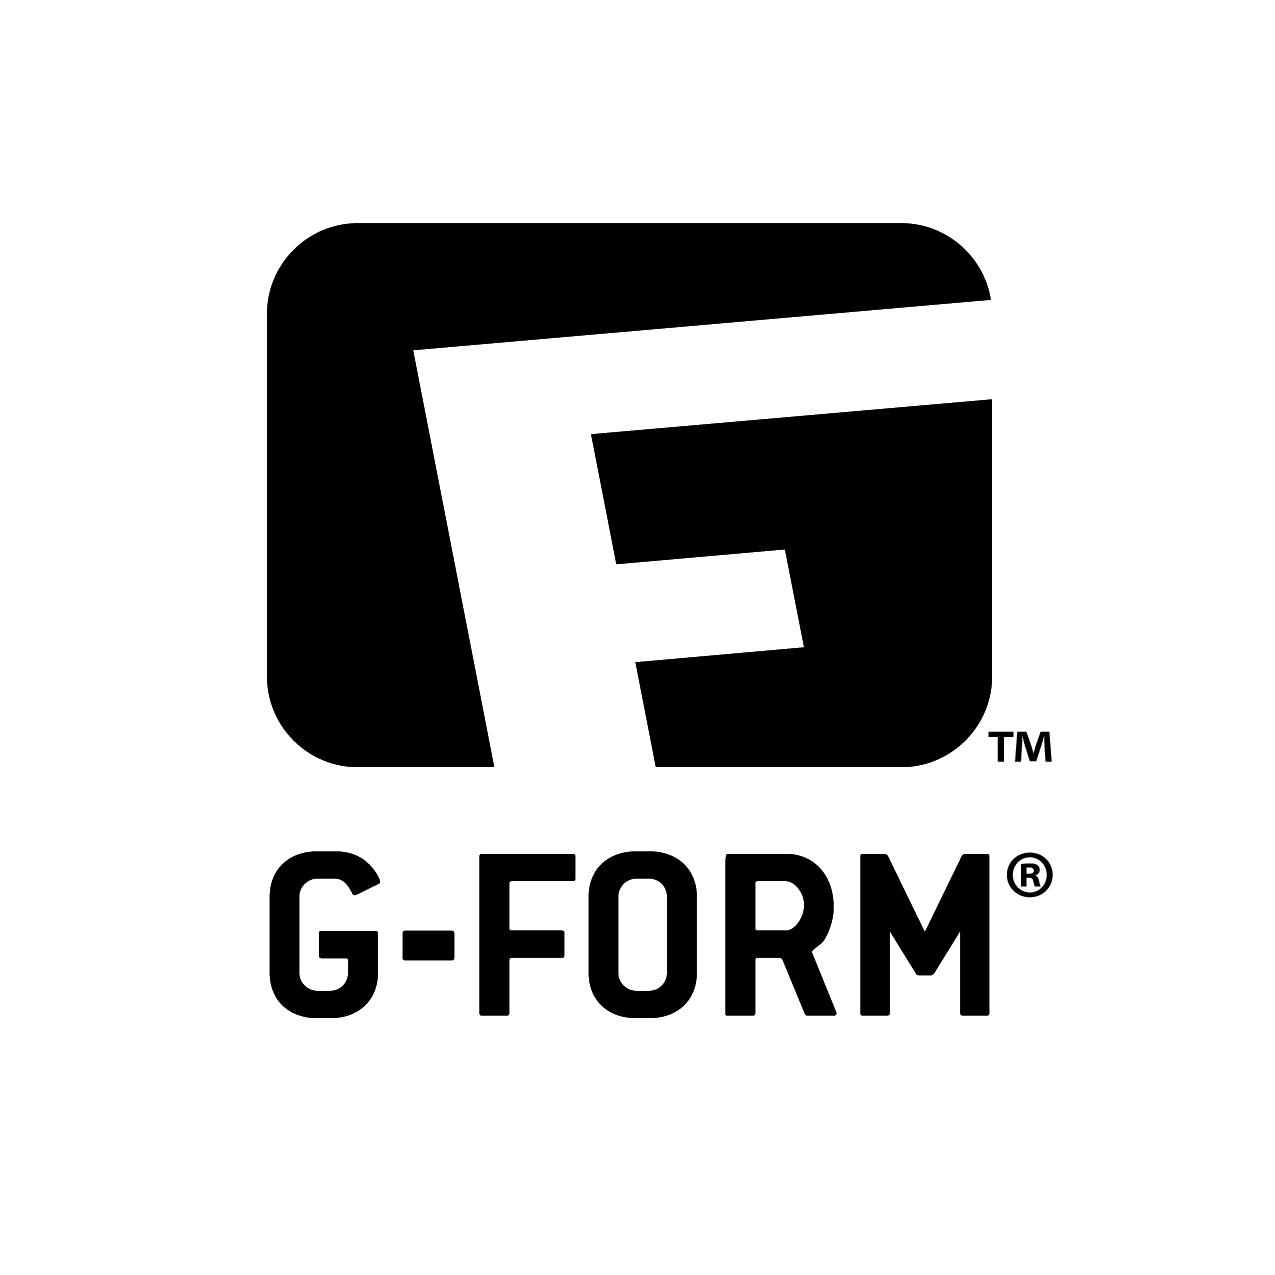 G-FormLogo(OneColor).jpg